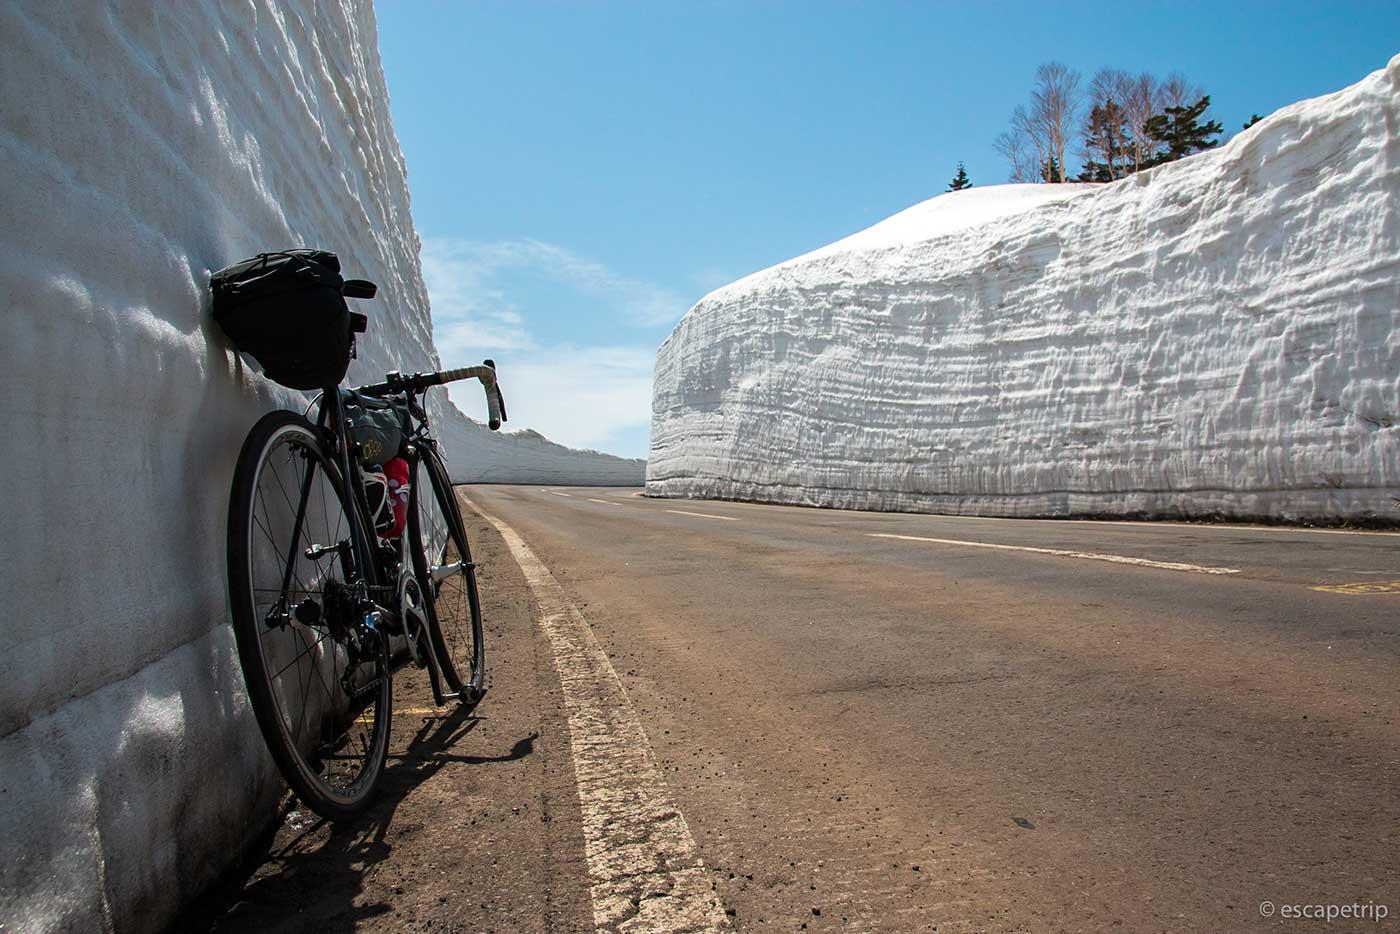 八幡平アスピーテラインの雪の回廊その3